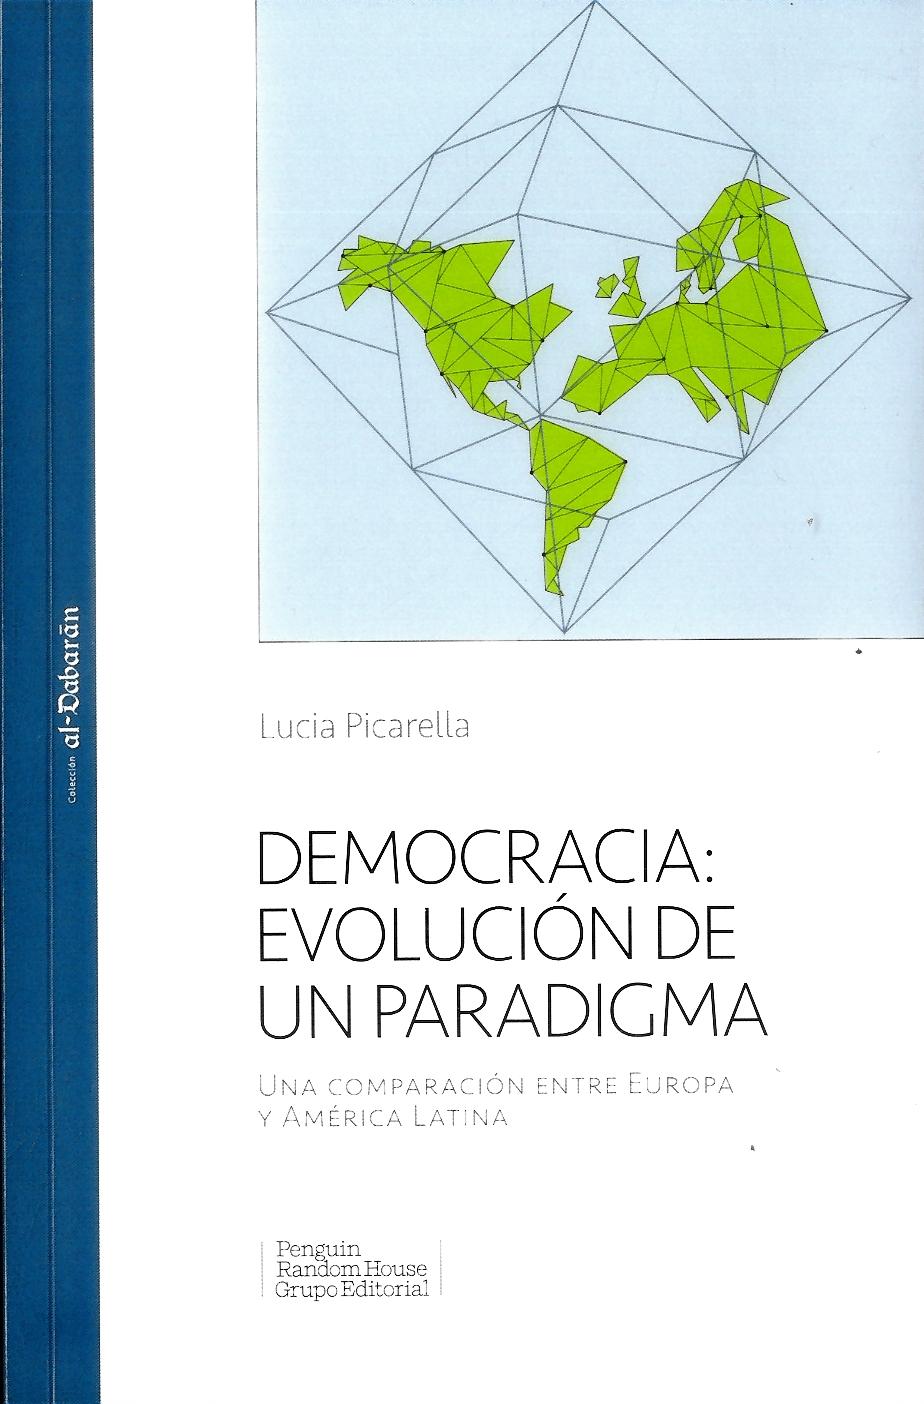 Democracia: Evolución de un Paradigma. Una Comparación Entre Europa y América Latina - Lucia Picarella - Penguin Random House